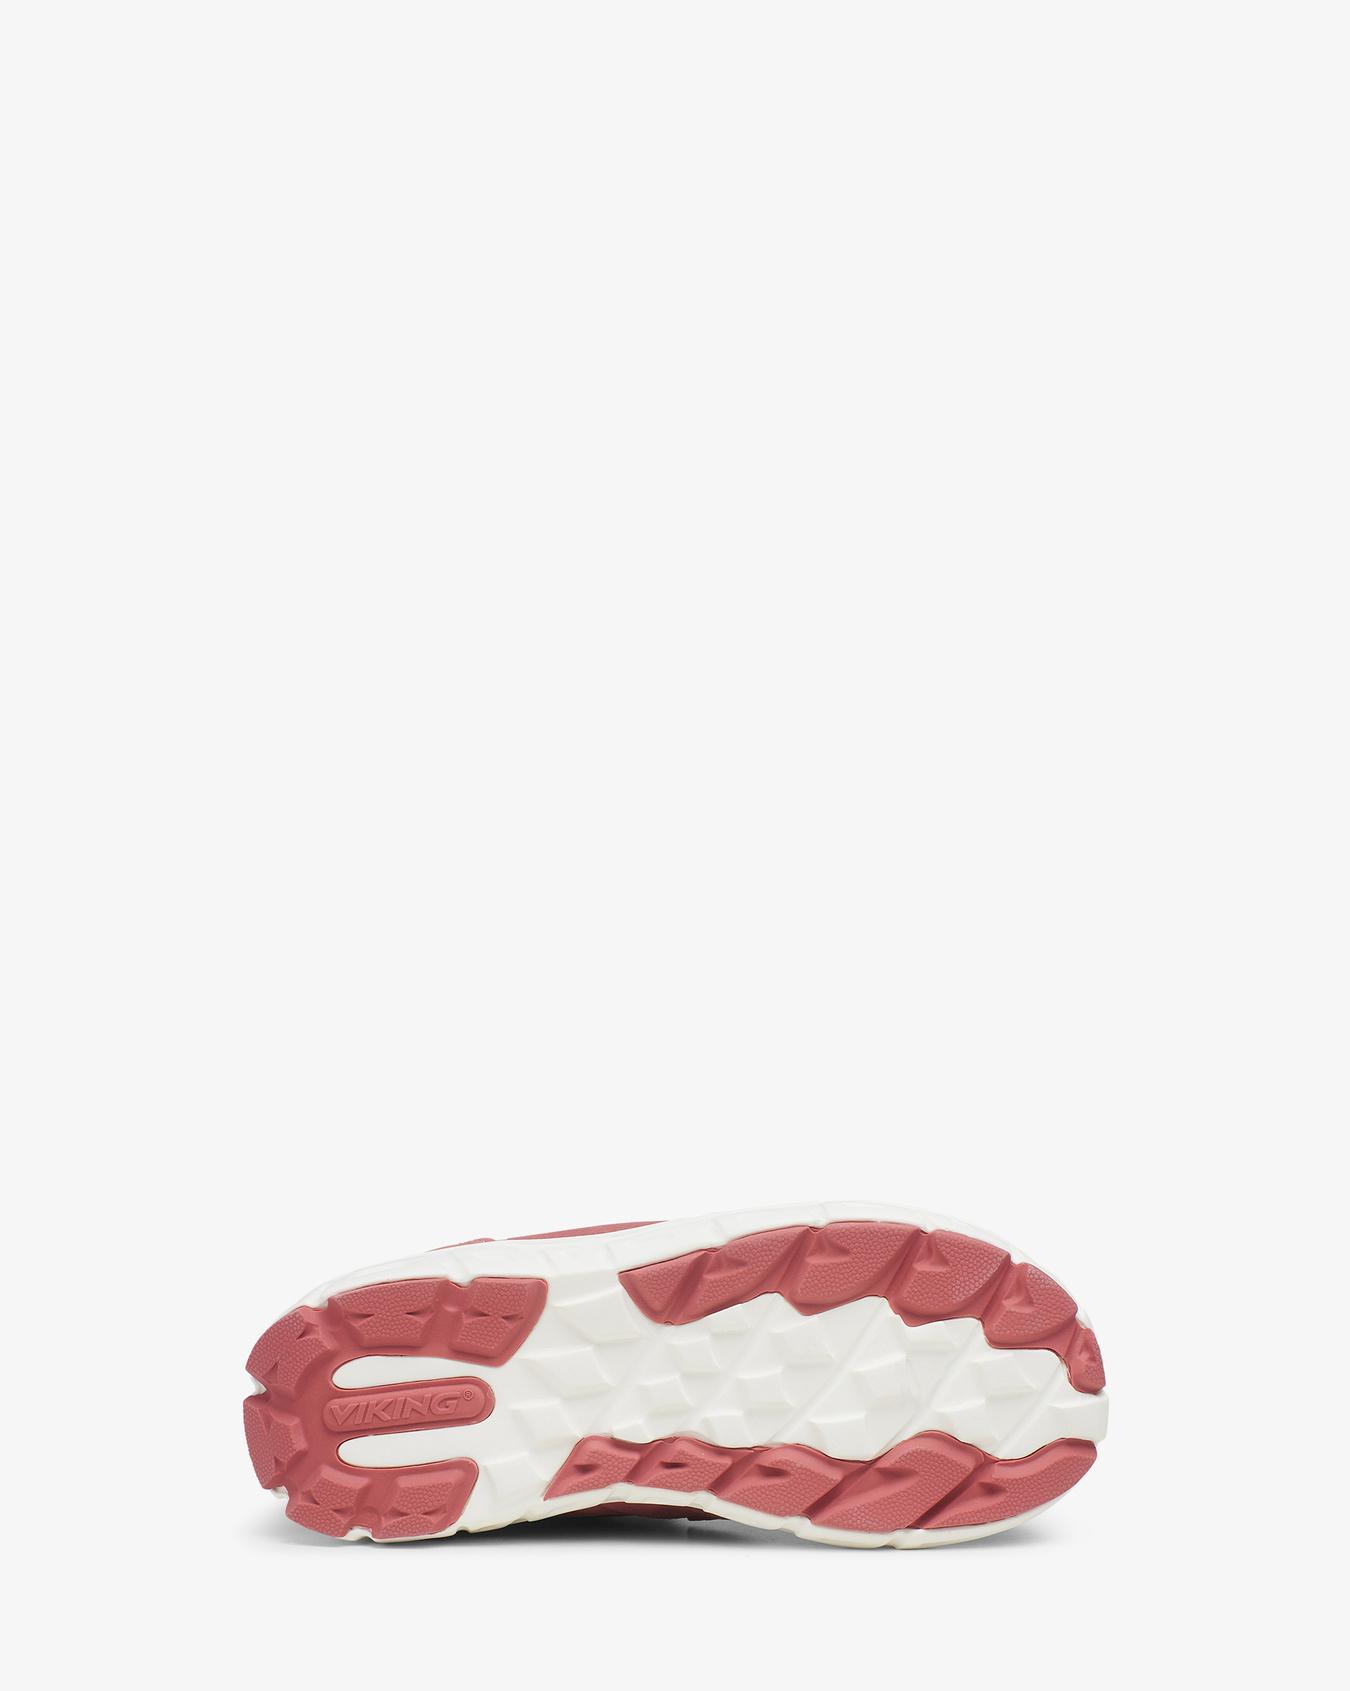 Veme Mid R GTX Peach Sneaker